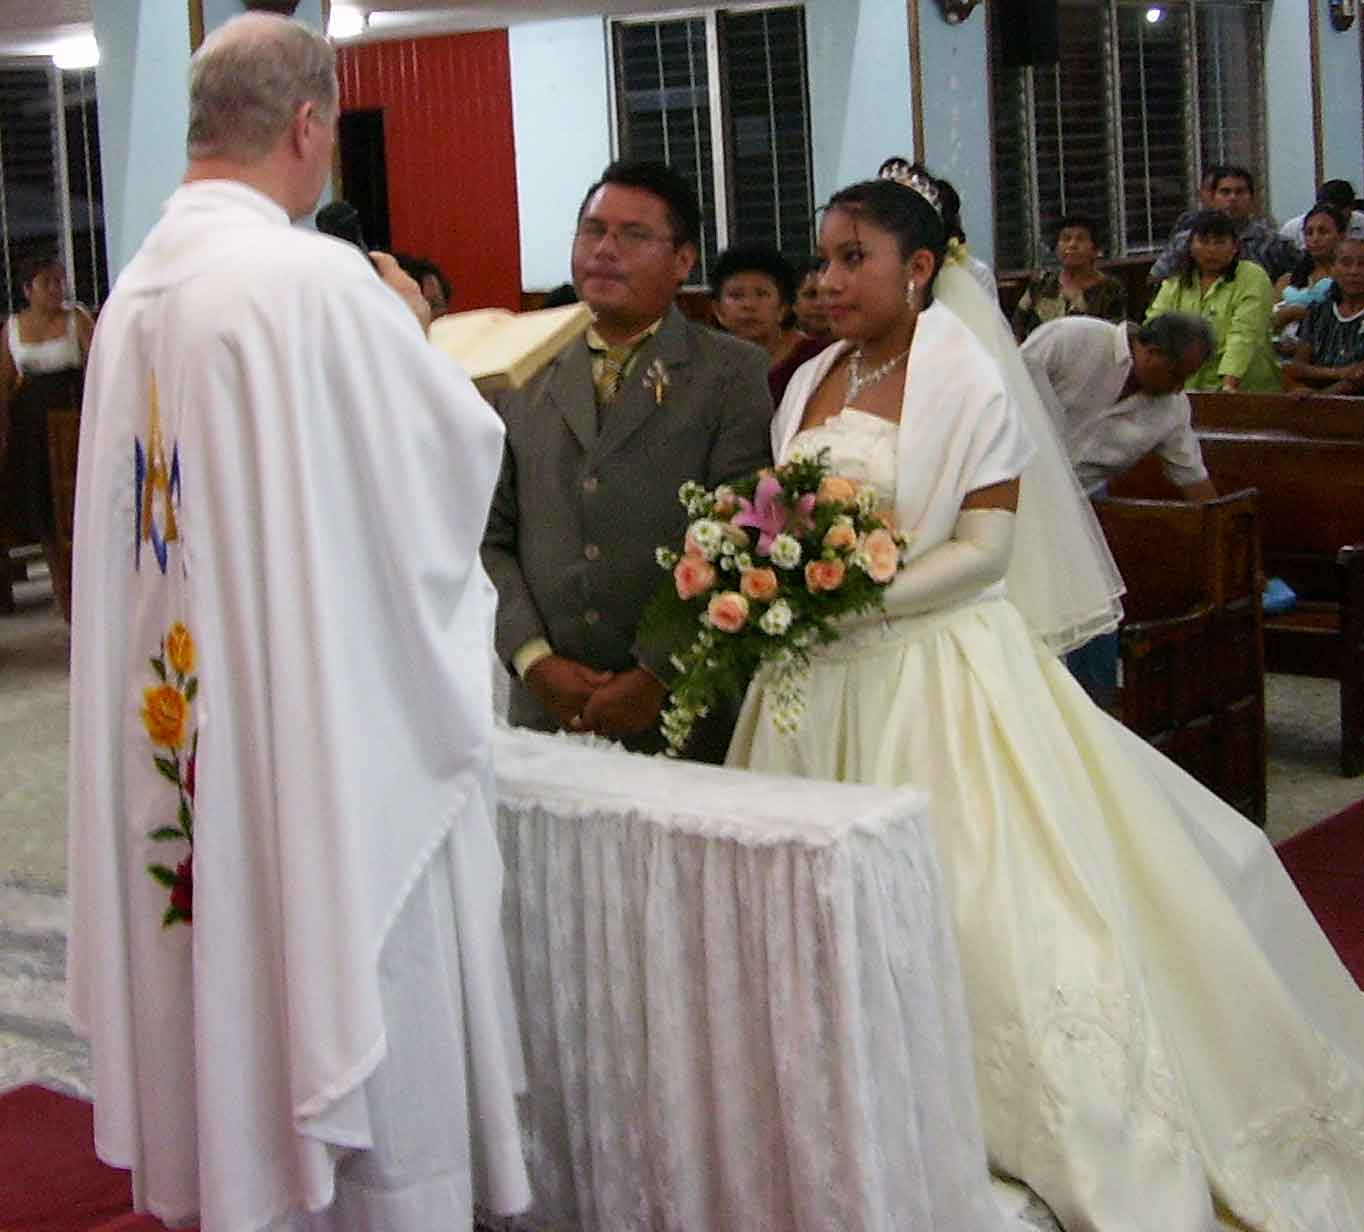 Matrimonio Catolico En Chile : Católico de javier olivares baionés jubilado baiona